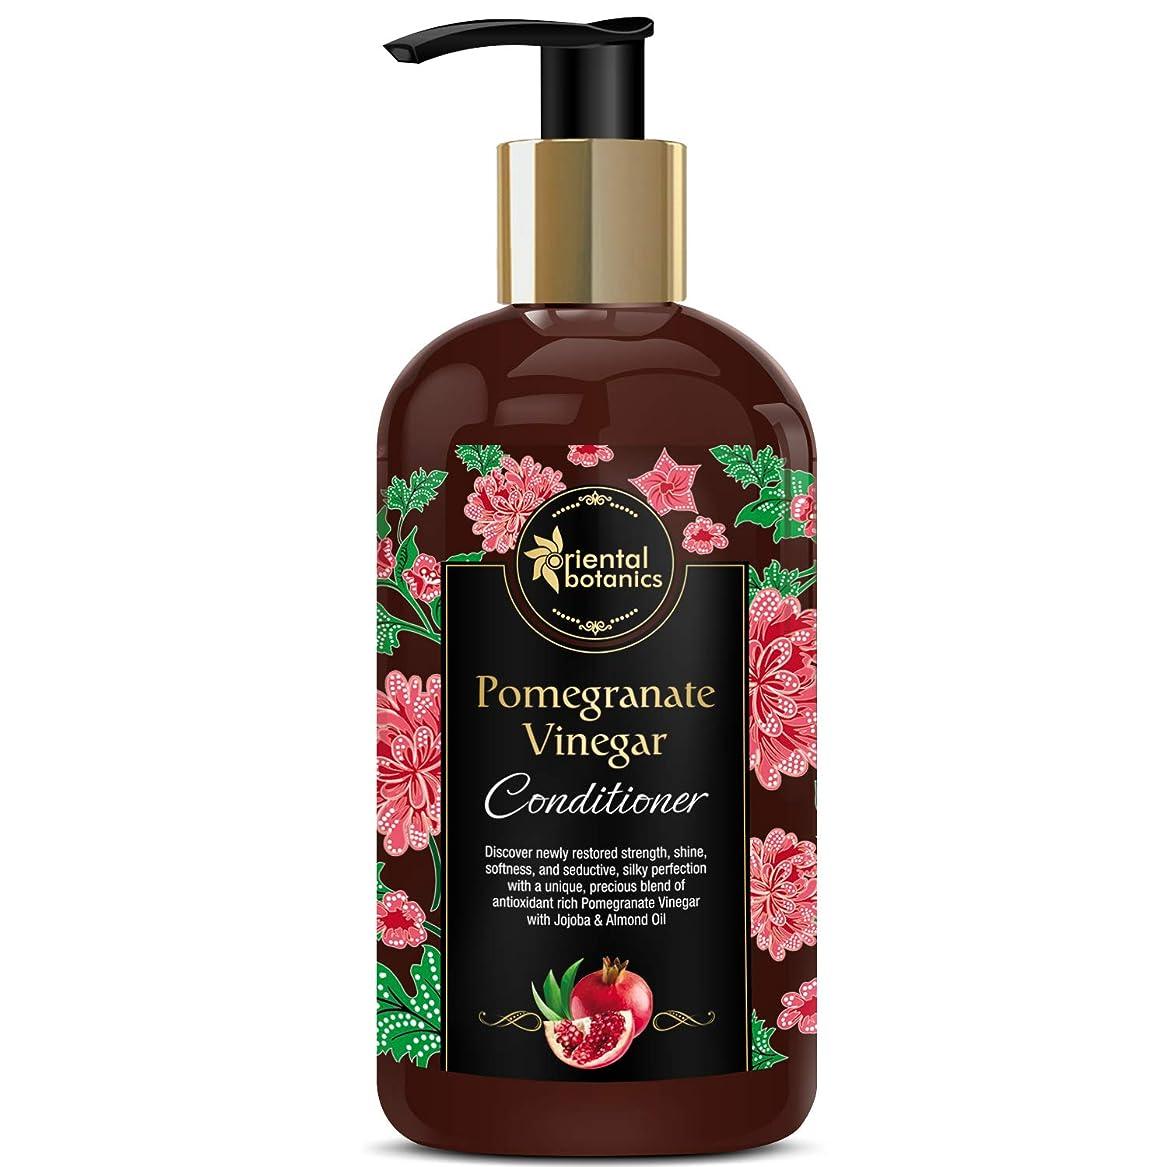 変形やがてホームOriental Botanics Pomegranate Vinegar Conditioner - For Healthy, Strong Hair with Antioxidant Boost & Golden Jojoba Oil, 300ml